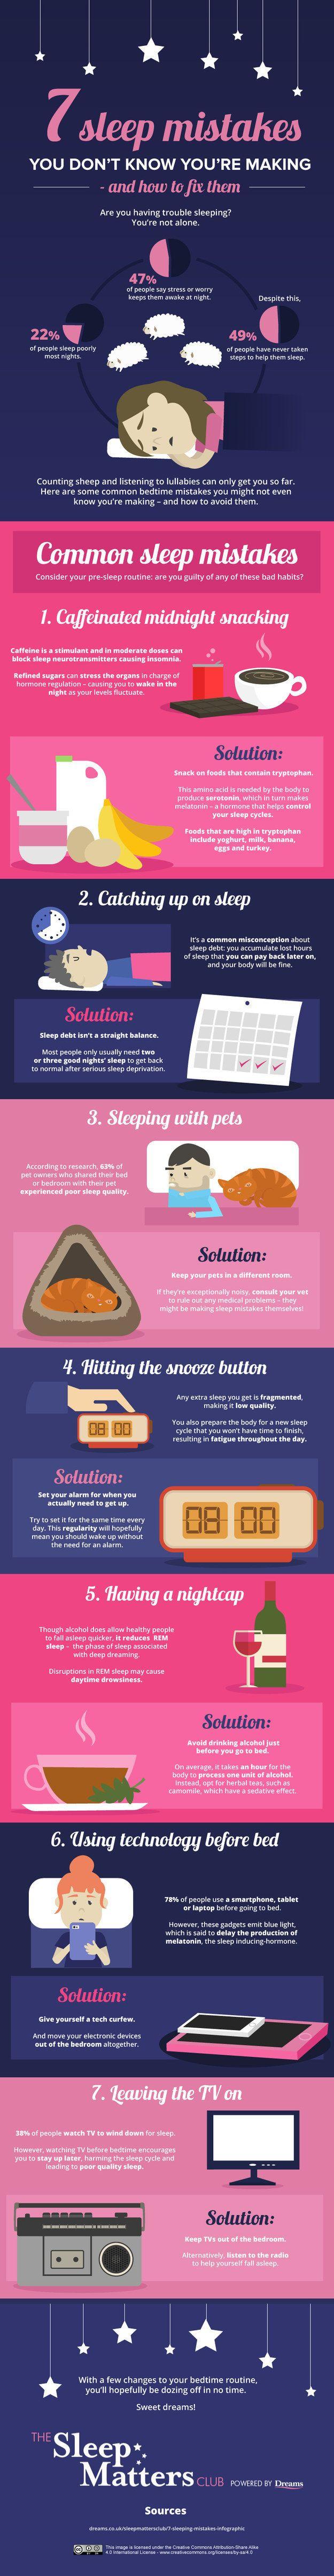 Wat een fijne tips voor een goede nachtrust!